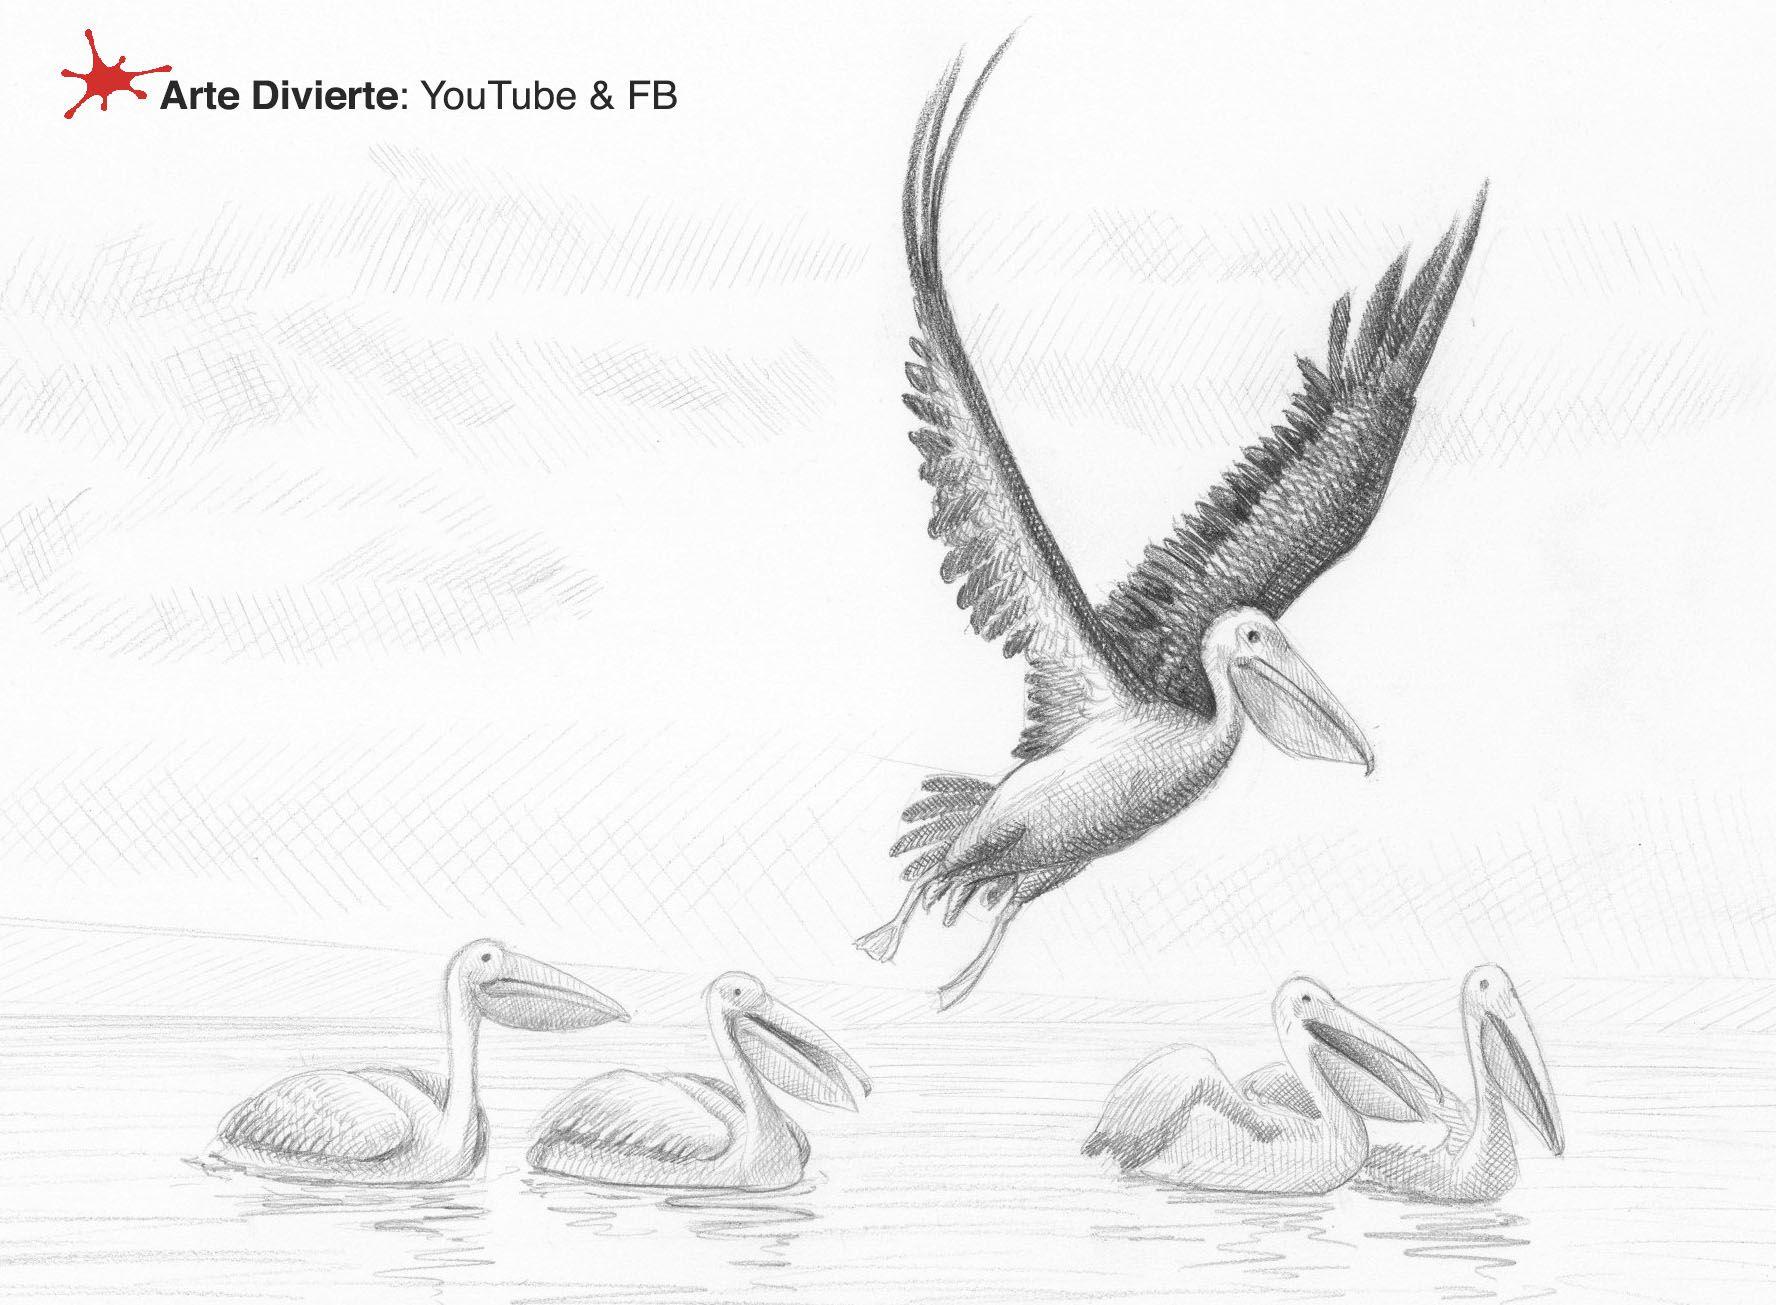 Como Dibujar Pelicanos Y Dos Anecdotas Pelicanezcas Arte Dibujo Artedivierte Pelicanos Tutto3 Boceto Tuto Como Dibujar Pelicano Dibujo Arte Divertido